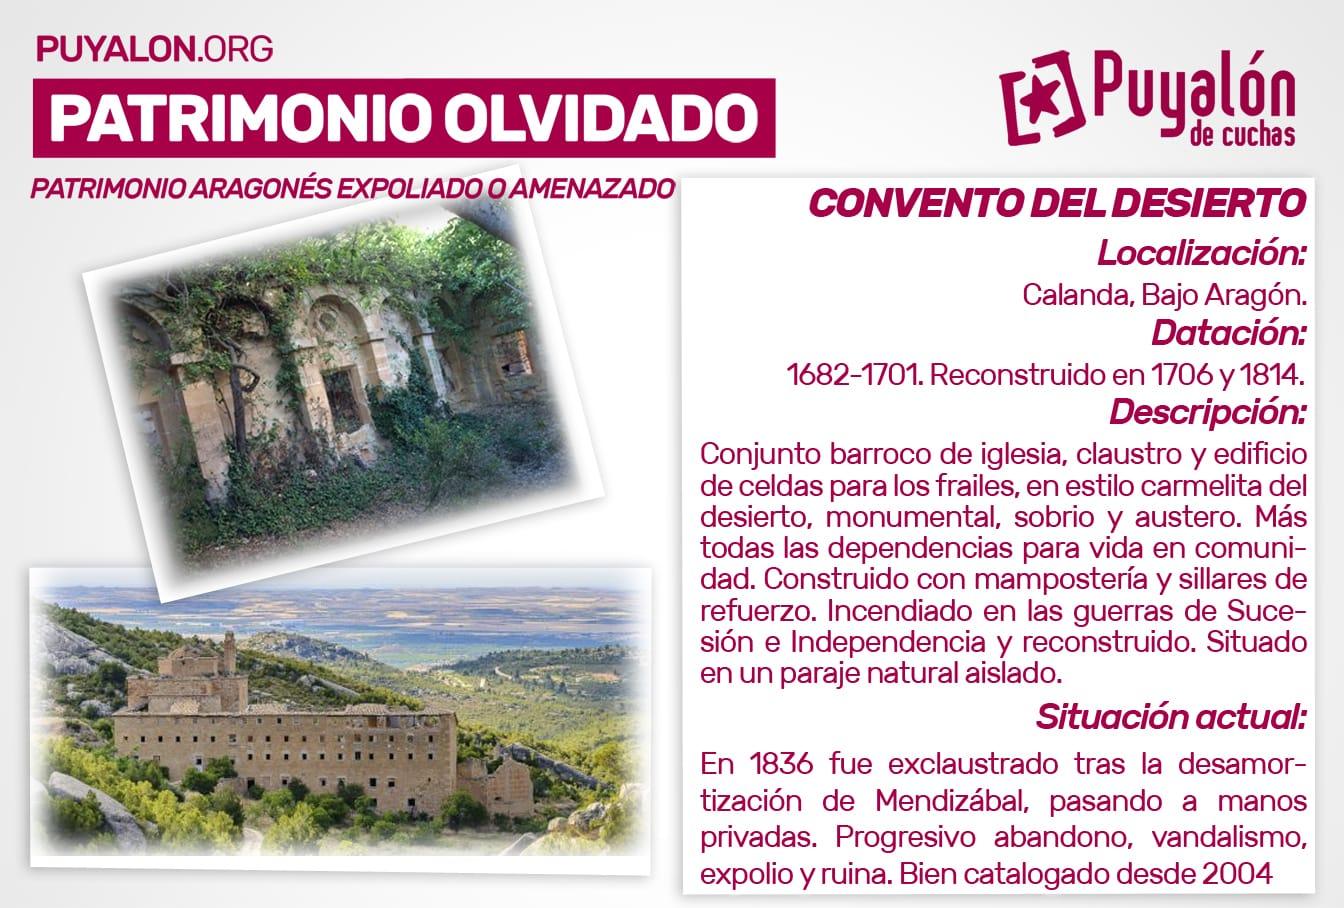 Convento del Desierto Calanda